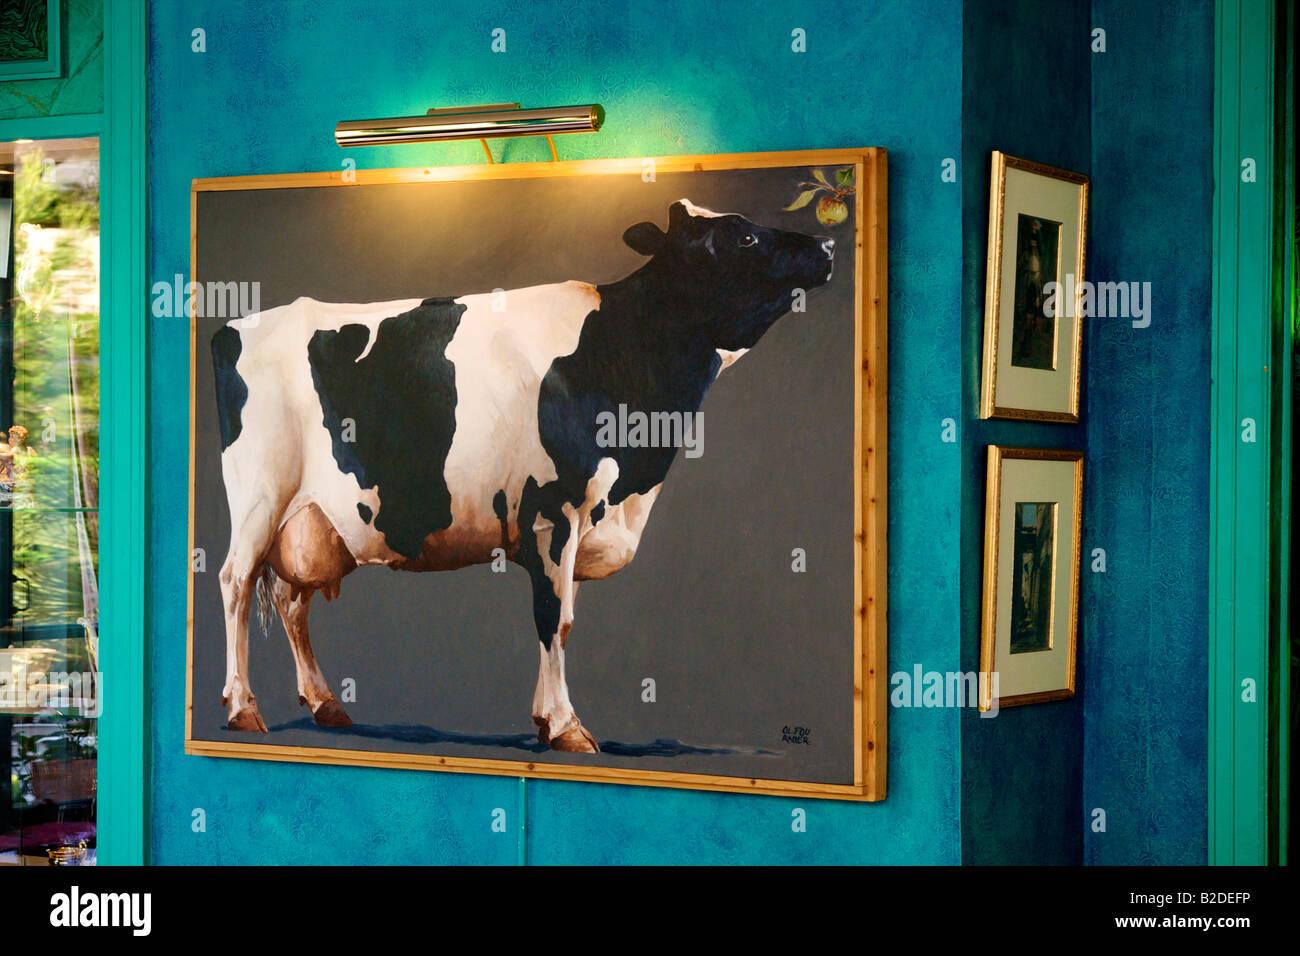 El Hotel Saint Christophe en La Baule, el comedor, con una decoración de gran pintura de vaca Imagen De Stock